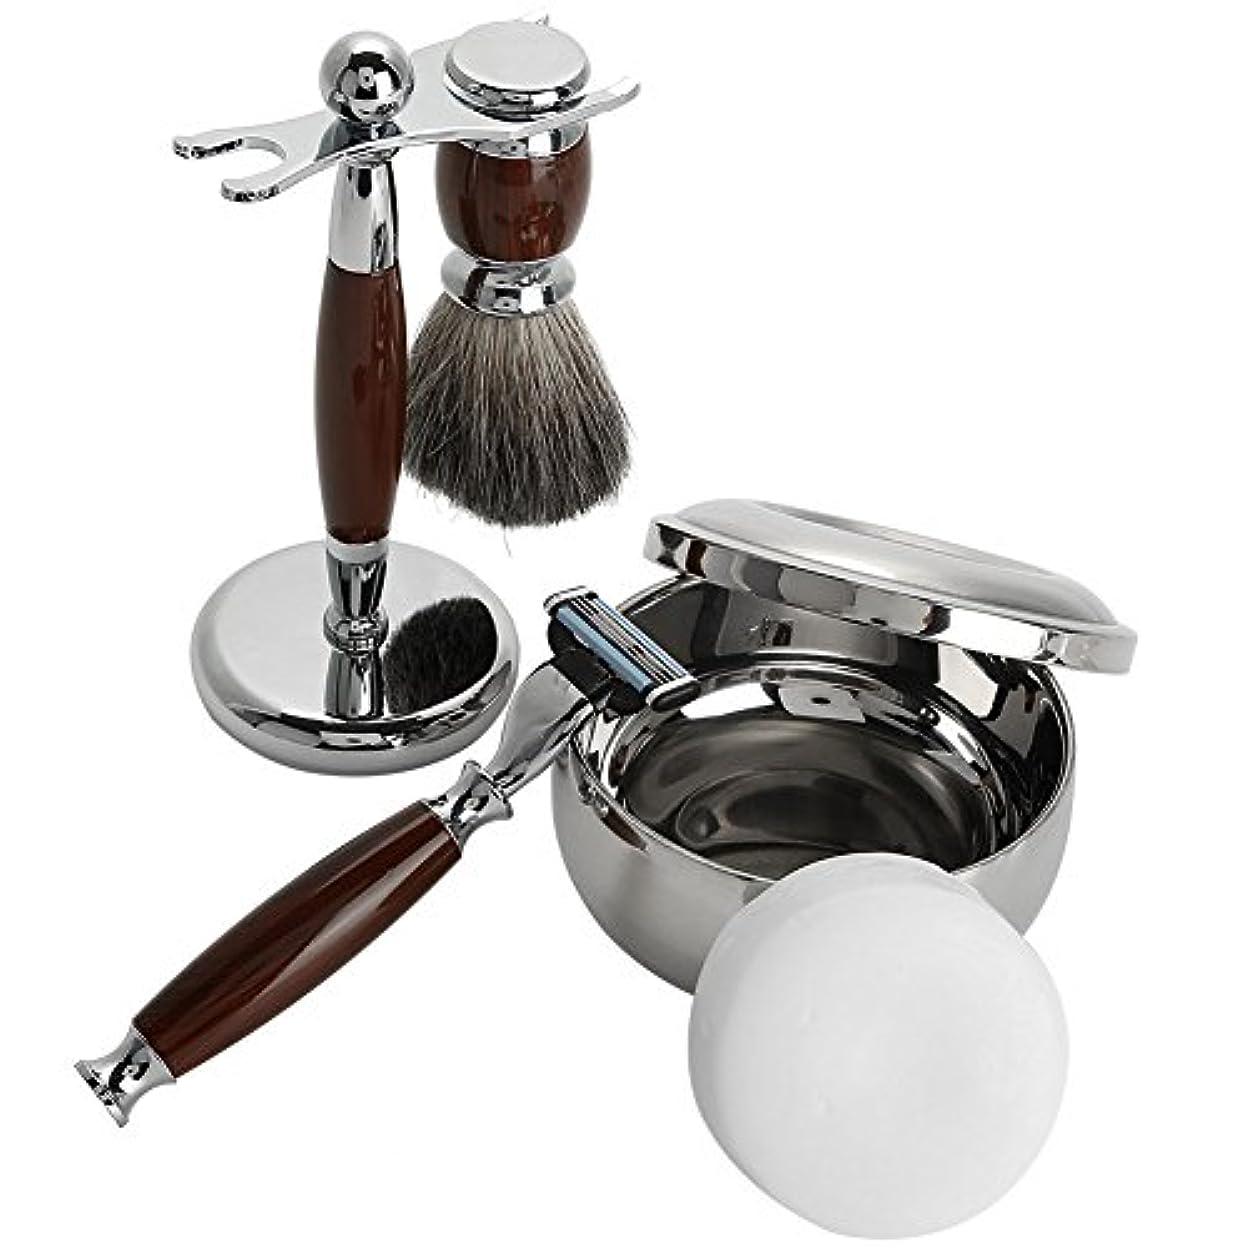 特性さようなら悲しいことに剃刀 -Dewin シェービングブラシセット、剃刀スタンド、石鹸ボウル、石鹸、洗顔ブラシ、髭剃り、泡立ち、メンズ